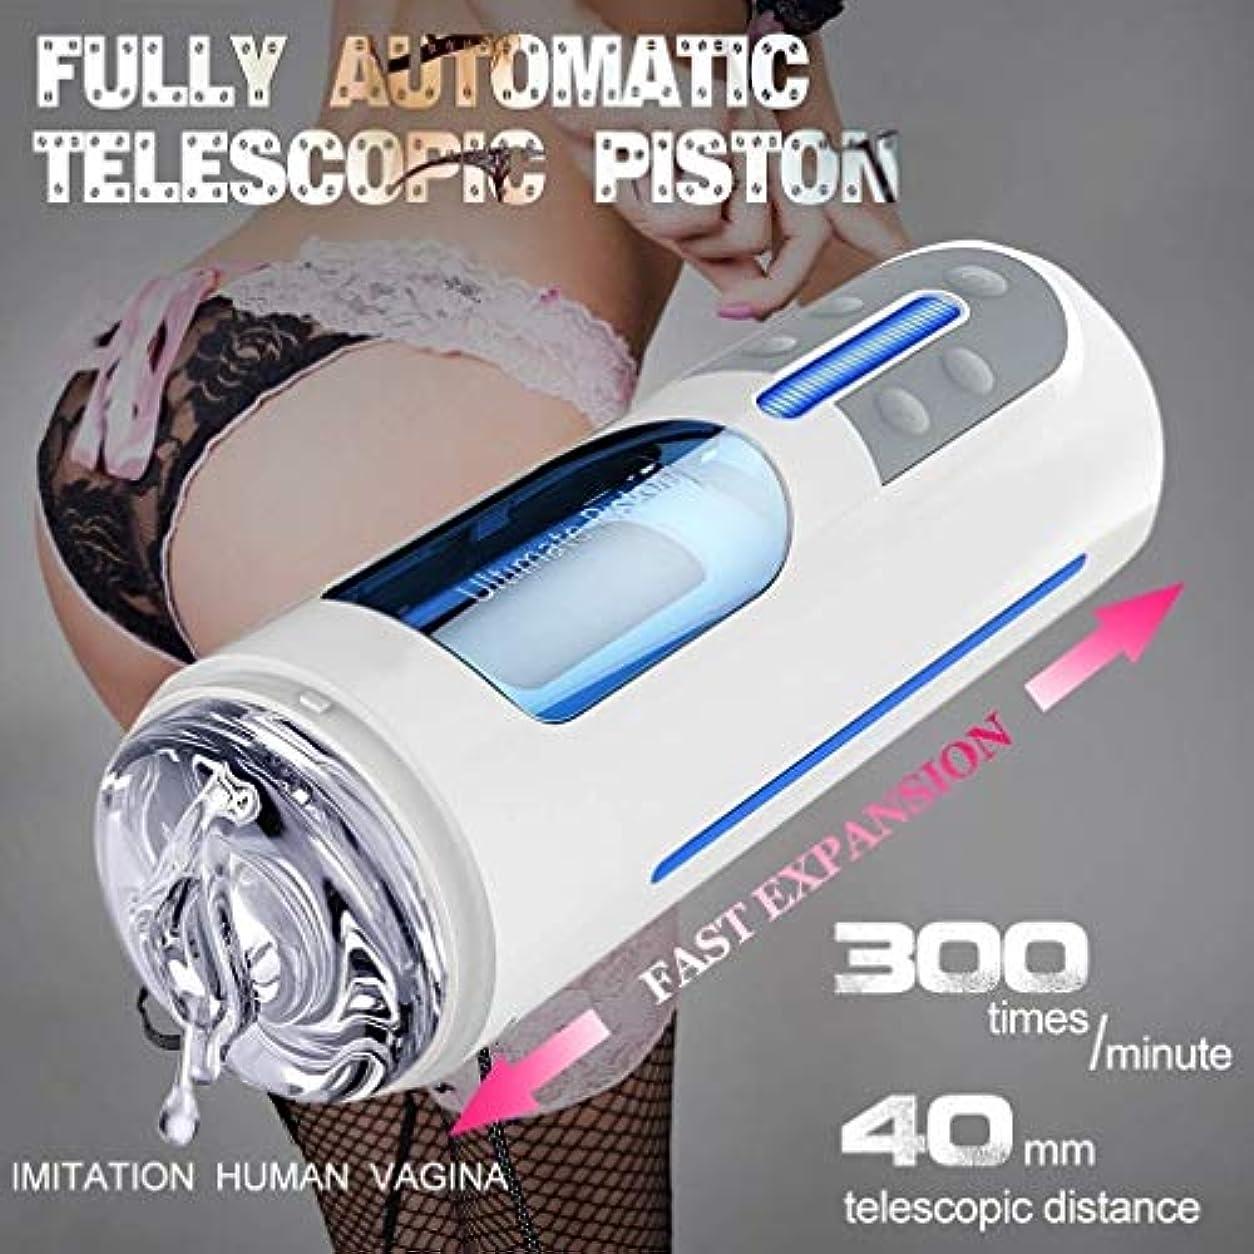 ウェイトレスマスタードページ男性用セックスマシンピストン男性マシュターバターカップマルチスピード周波数マルチアングルサックテレスコピック電気10振動モード5スピード